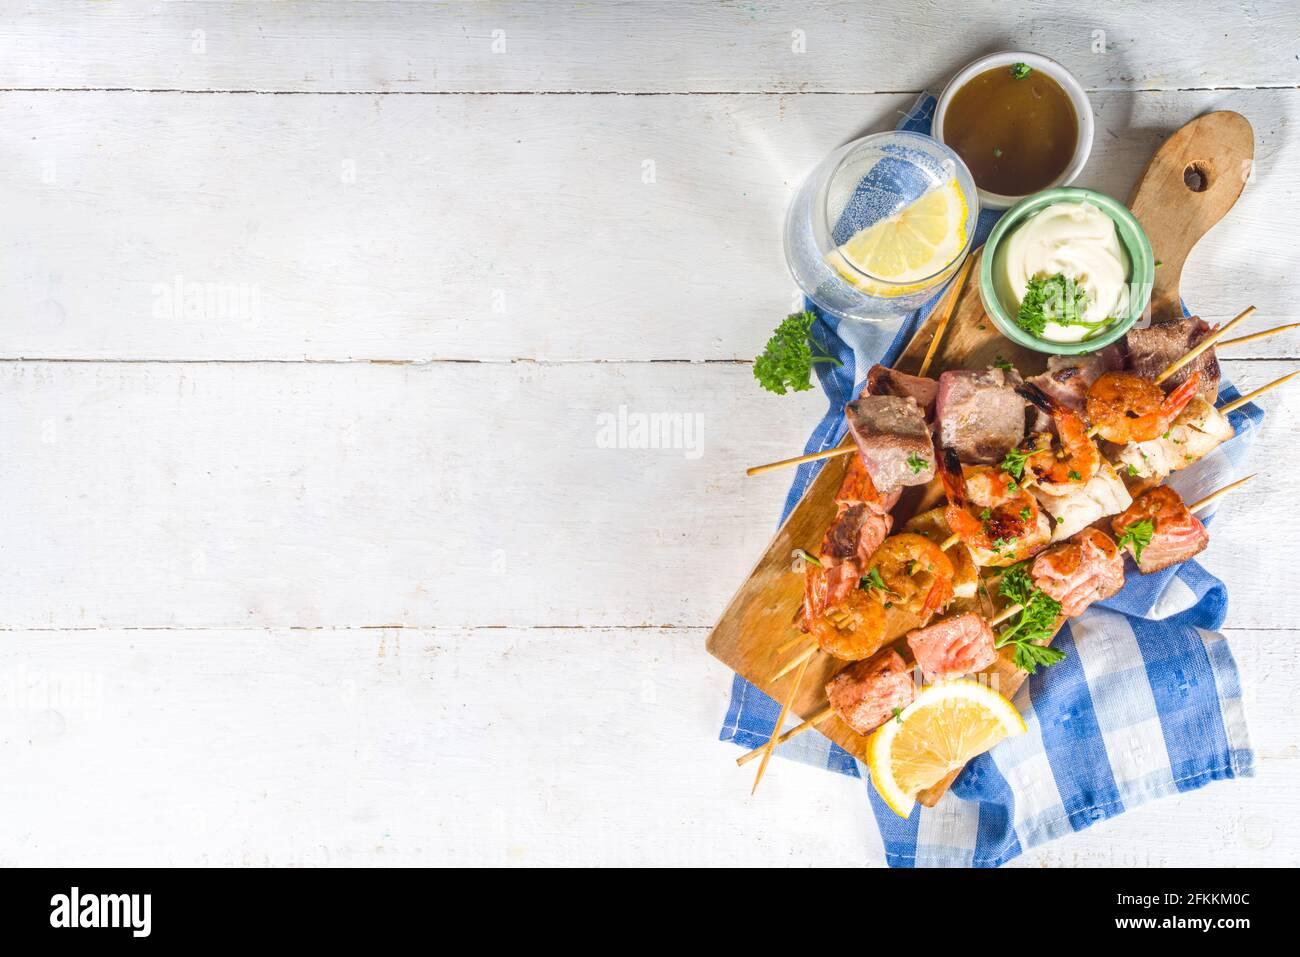 Assortiment divers barbecue cuisine méditerranéenne - poisson, crevettes, crabe, moules, kebabs avec sauces, arrière-plan en bois blanc, au-dessus de l'espace de copie Banque D'Images